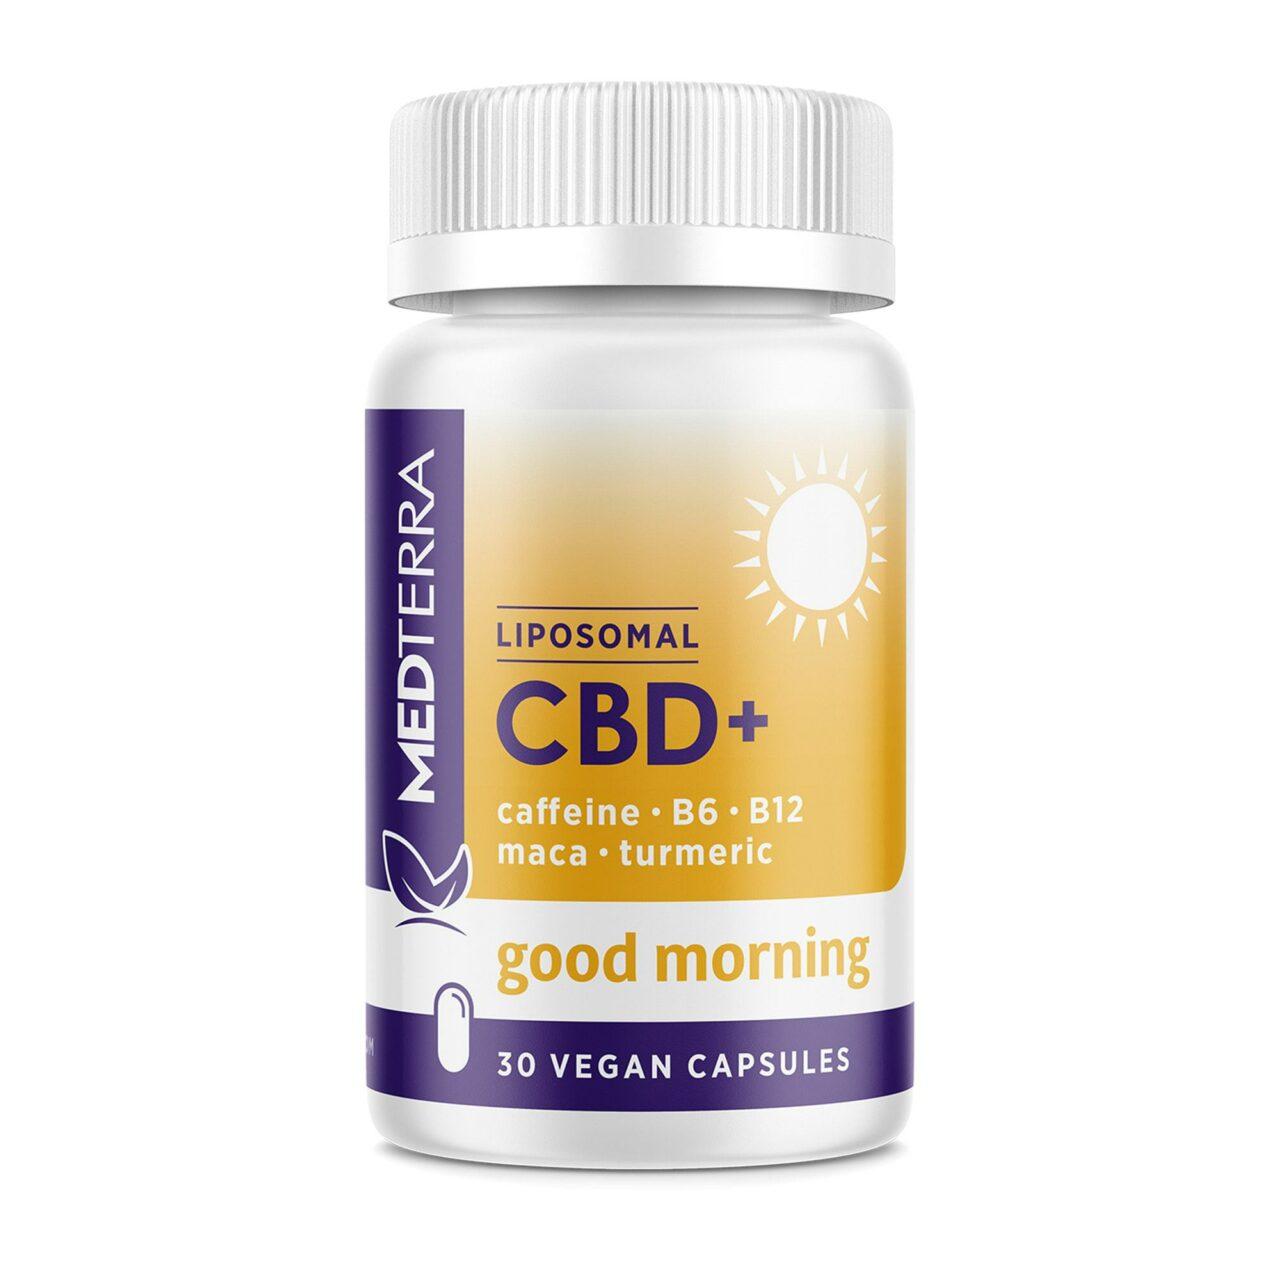 Medterra, Liposomal CBD+ Capsules, Good Morning, Isolate THC-Free, 30ct, 750mg CBD 1